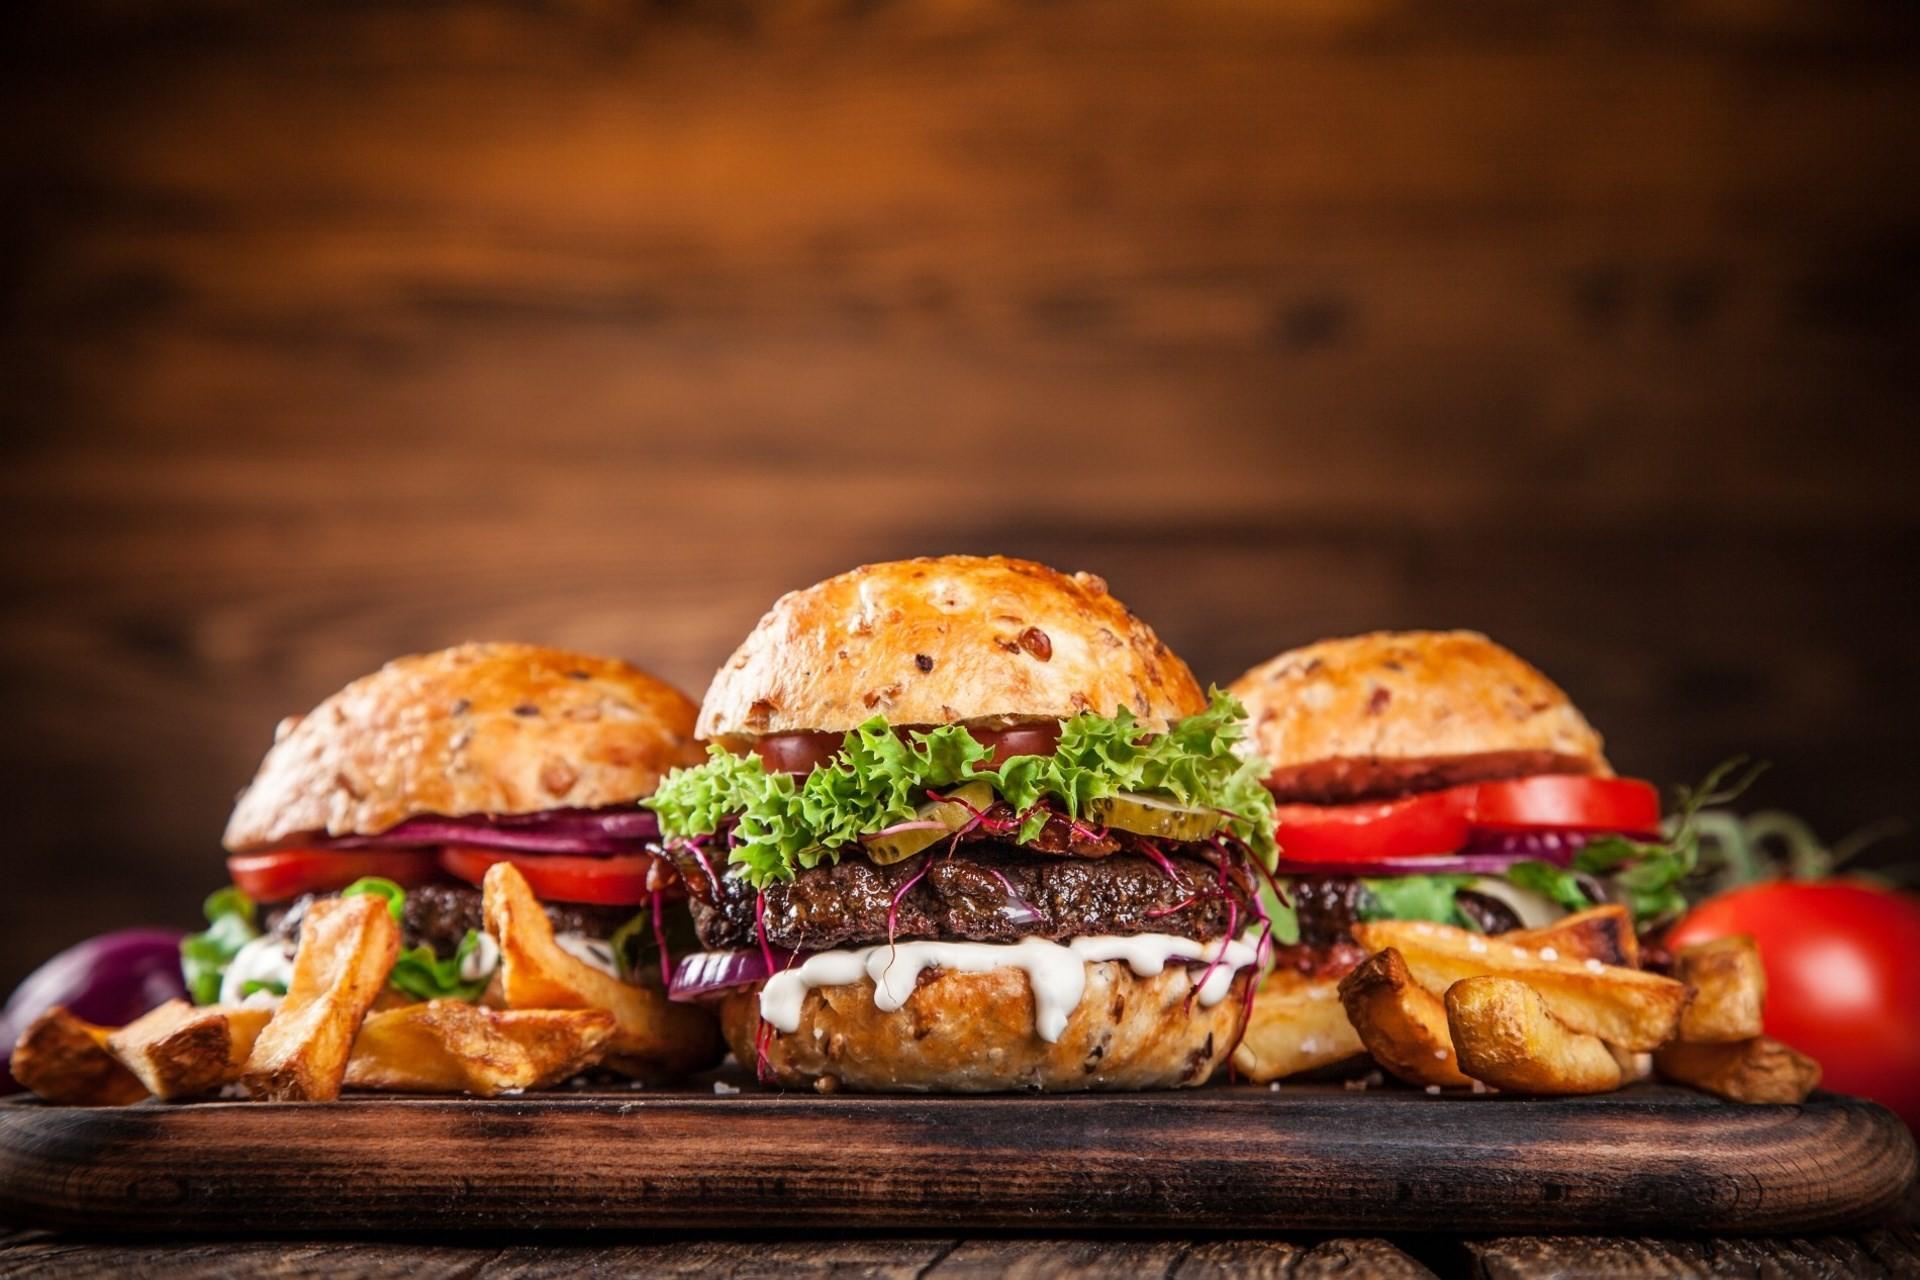 HD Widescreen Wallpaper – burger